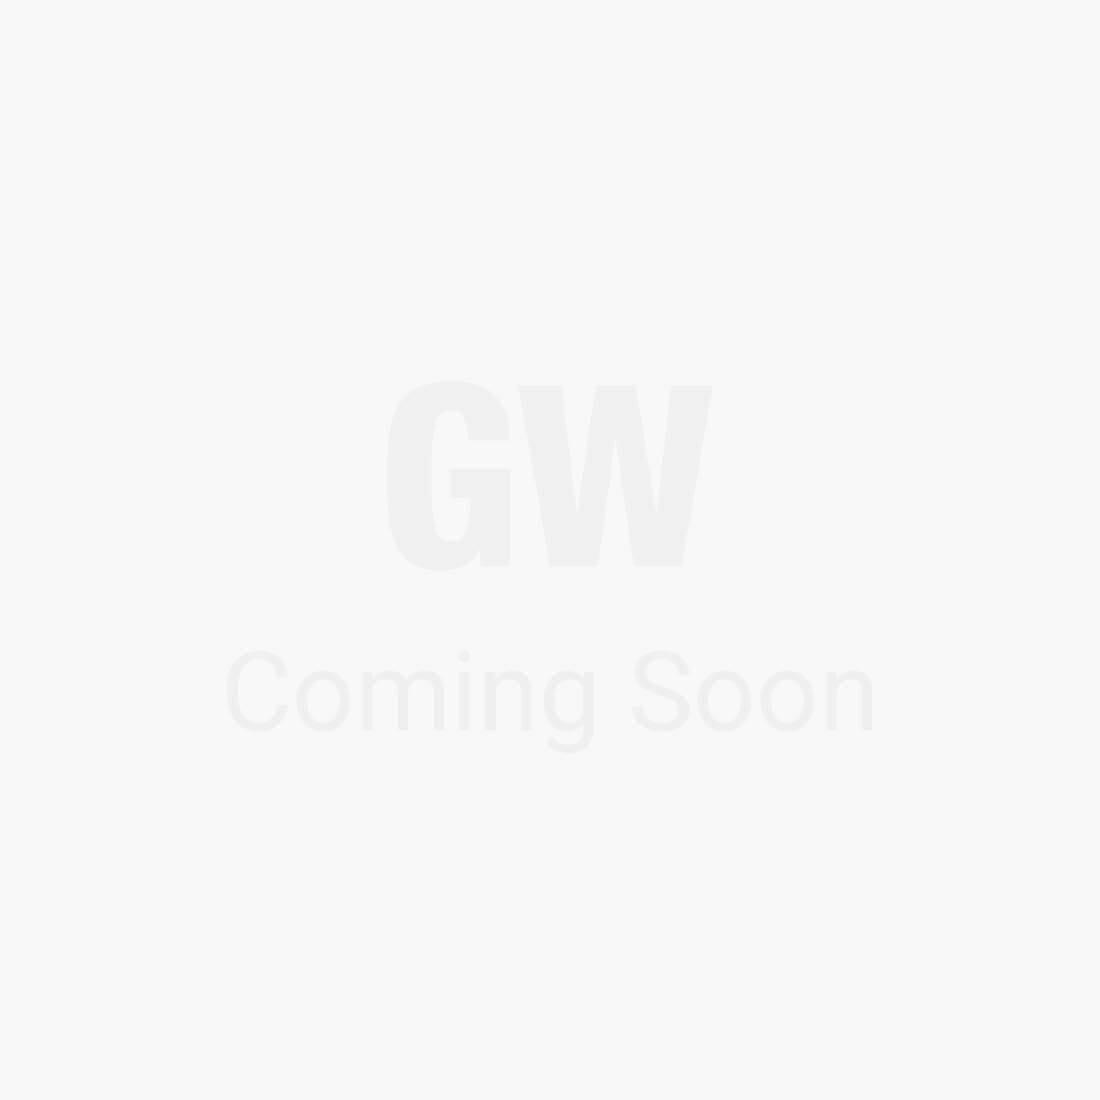 Oscar Dining Chair